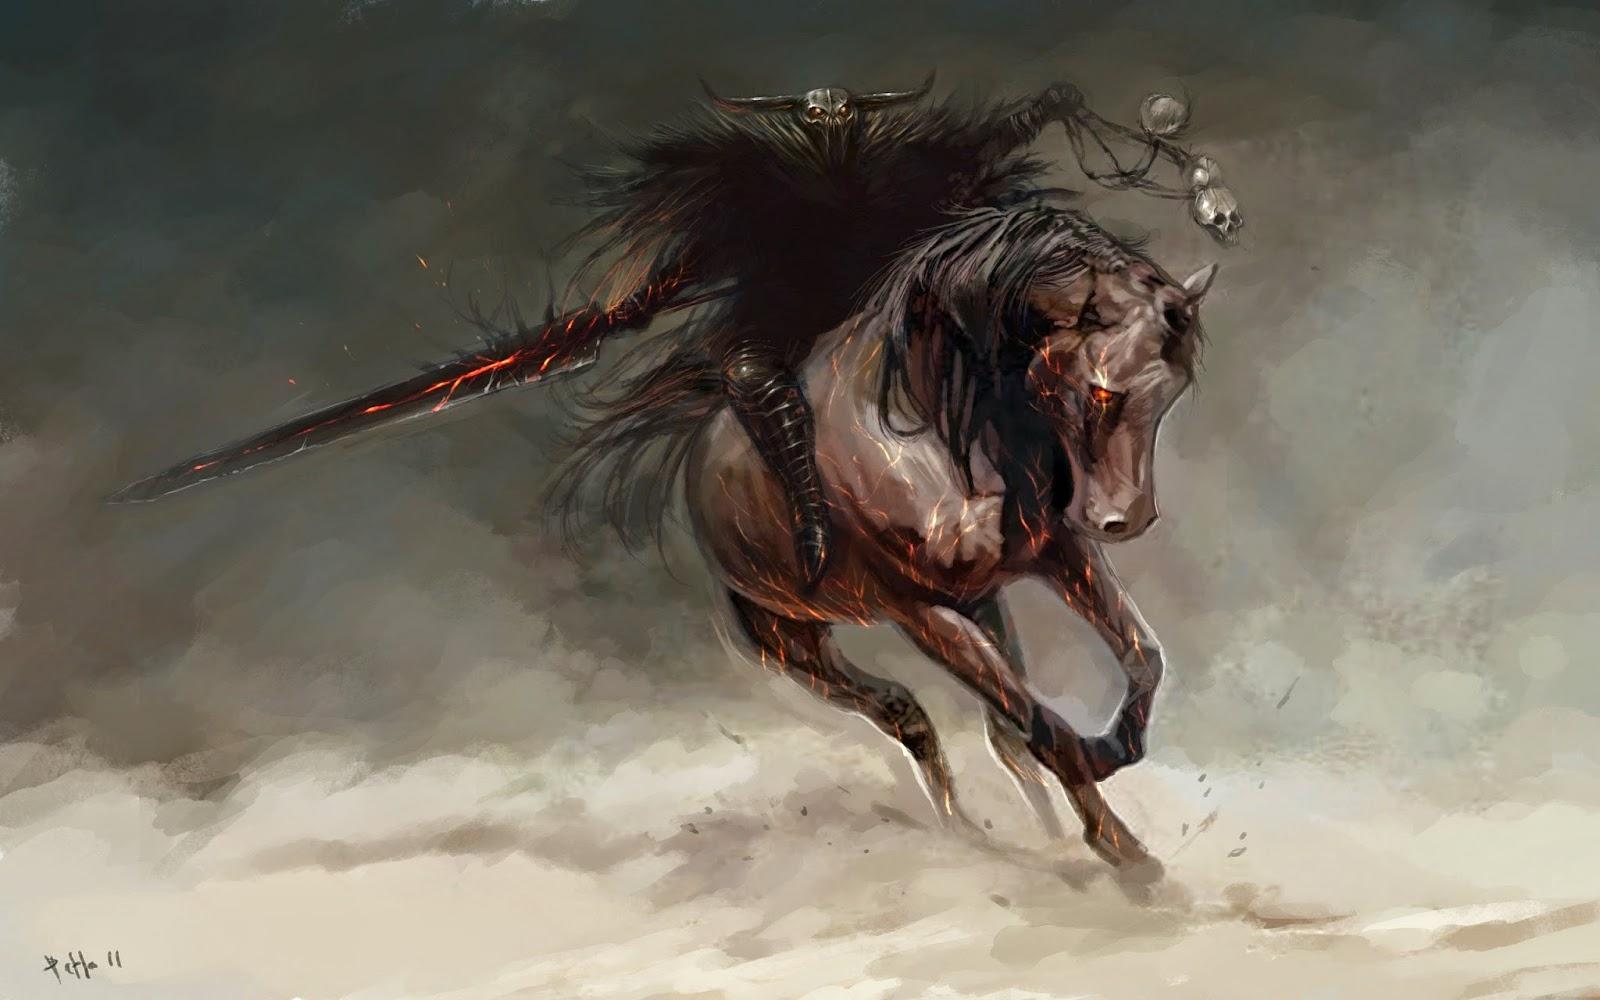 Must see   Wallpaper Horse Deviantart - Dreamy-Fantasy-Horse-Warrior-Artwork-Wallpaper  Image_312933.jpg